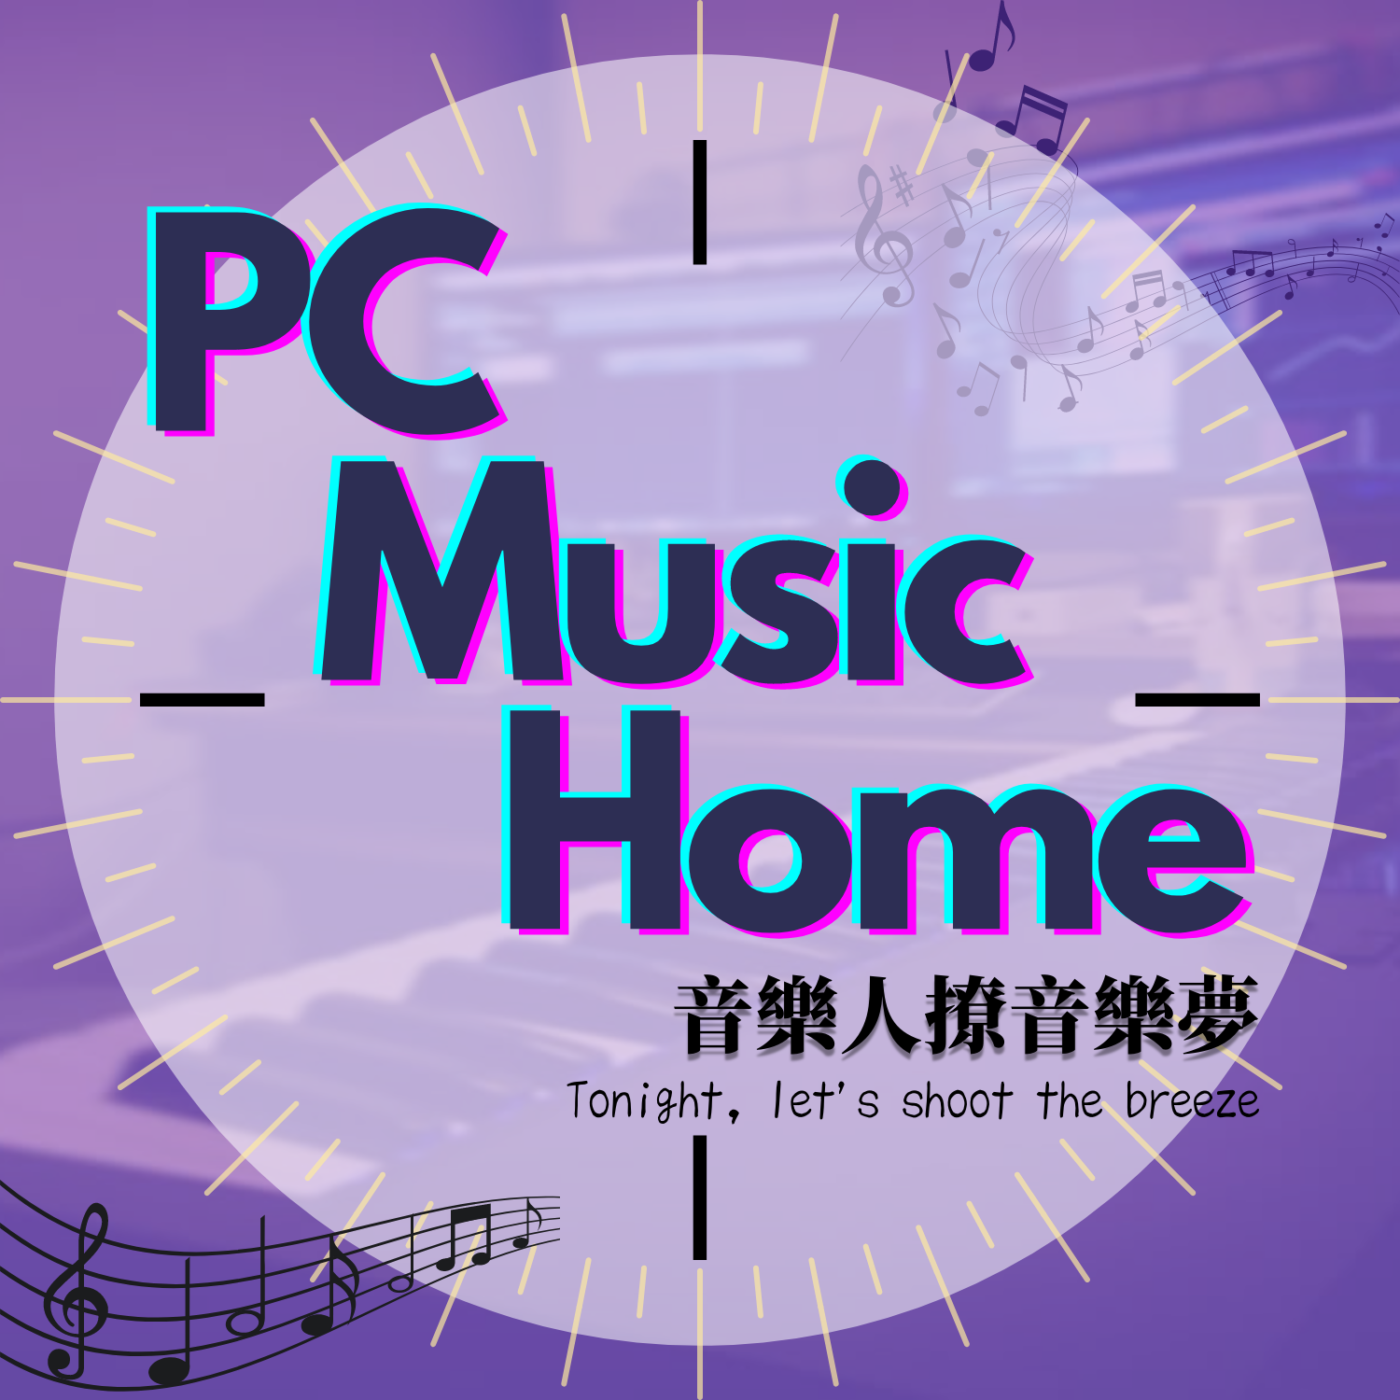 音樂談話誌《PC Music Home》~音樂人撩音樂夢~